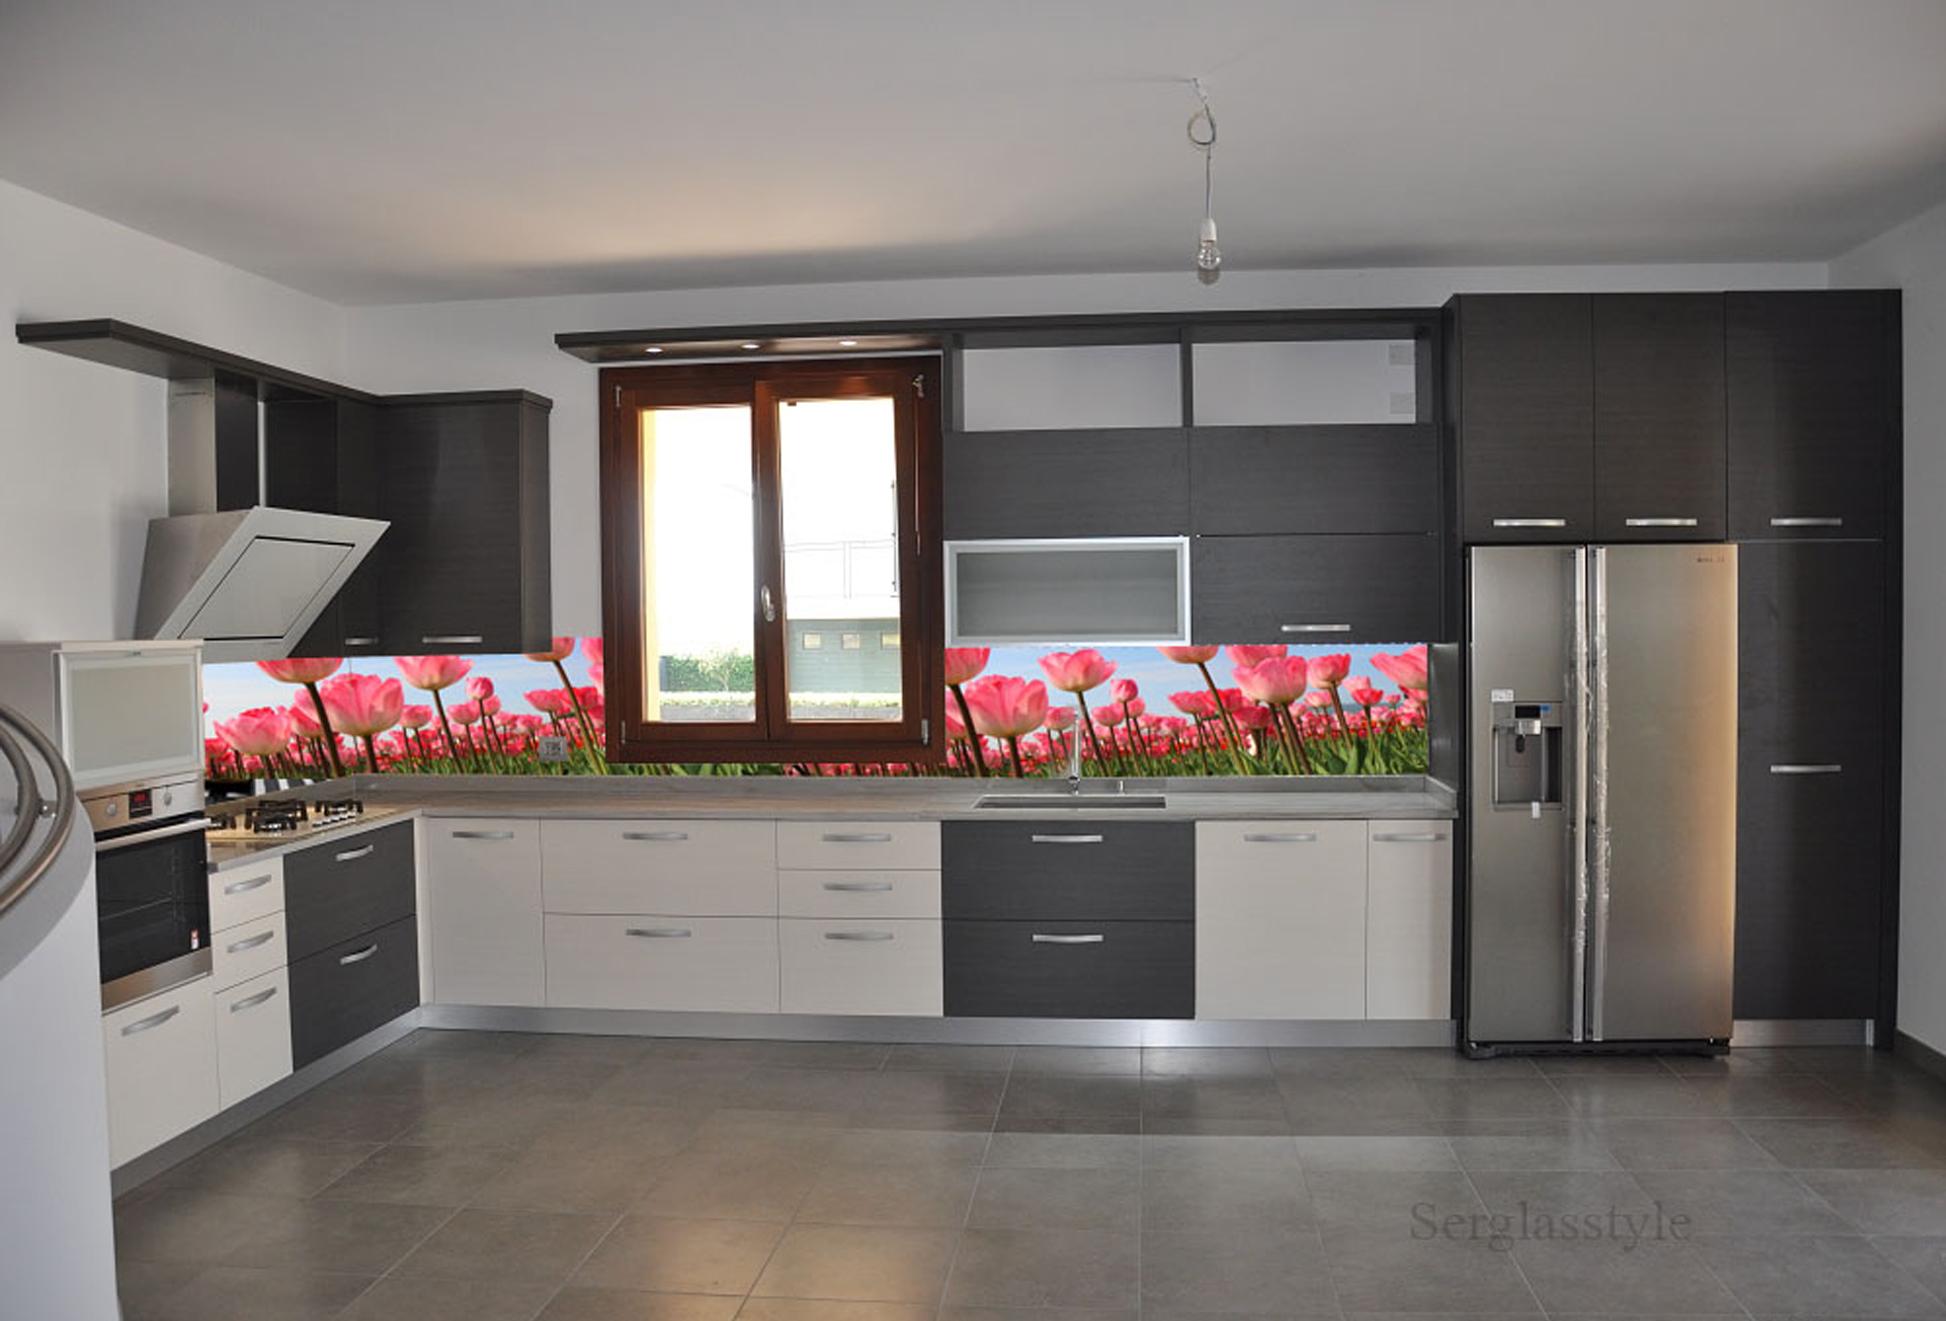 Cucine Con Finestra Sul Lavello serglasstyle porte in cristallo veneto porte tuttovetro